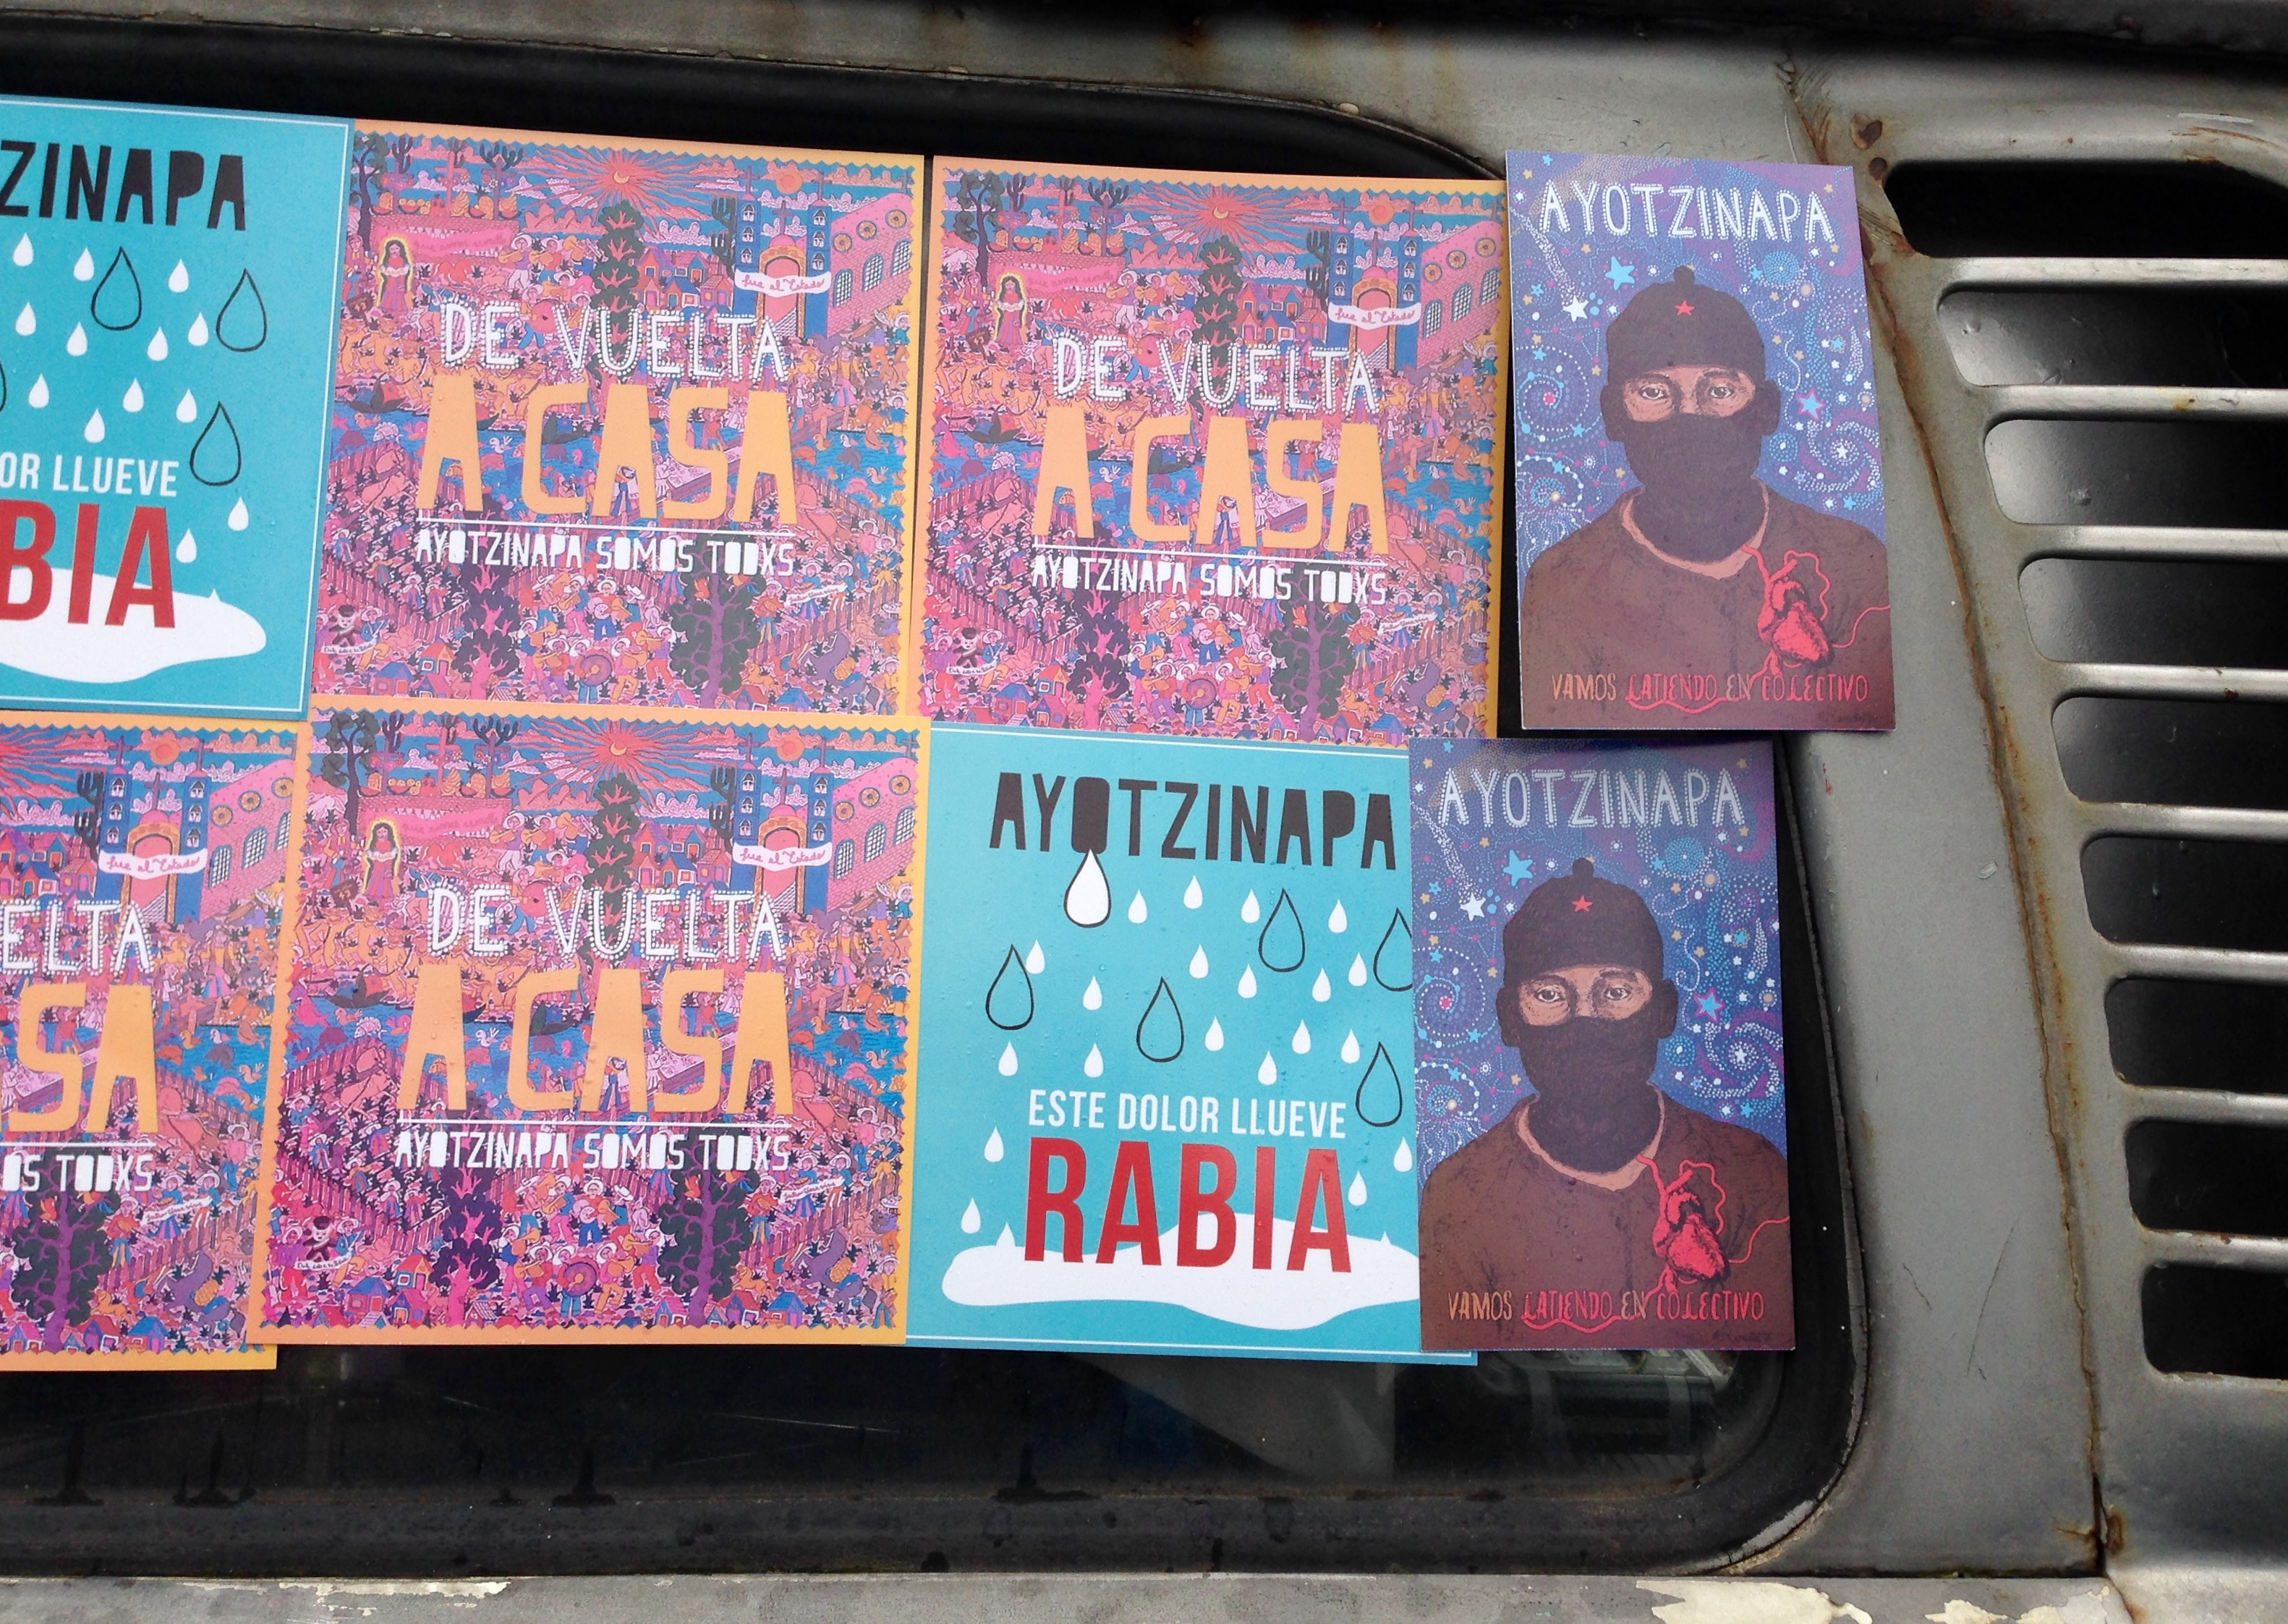 Ayotzinapa 2015